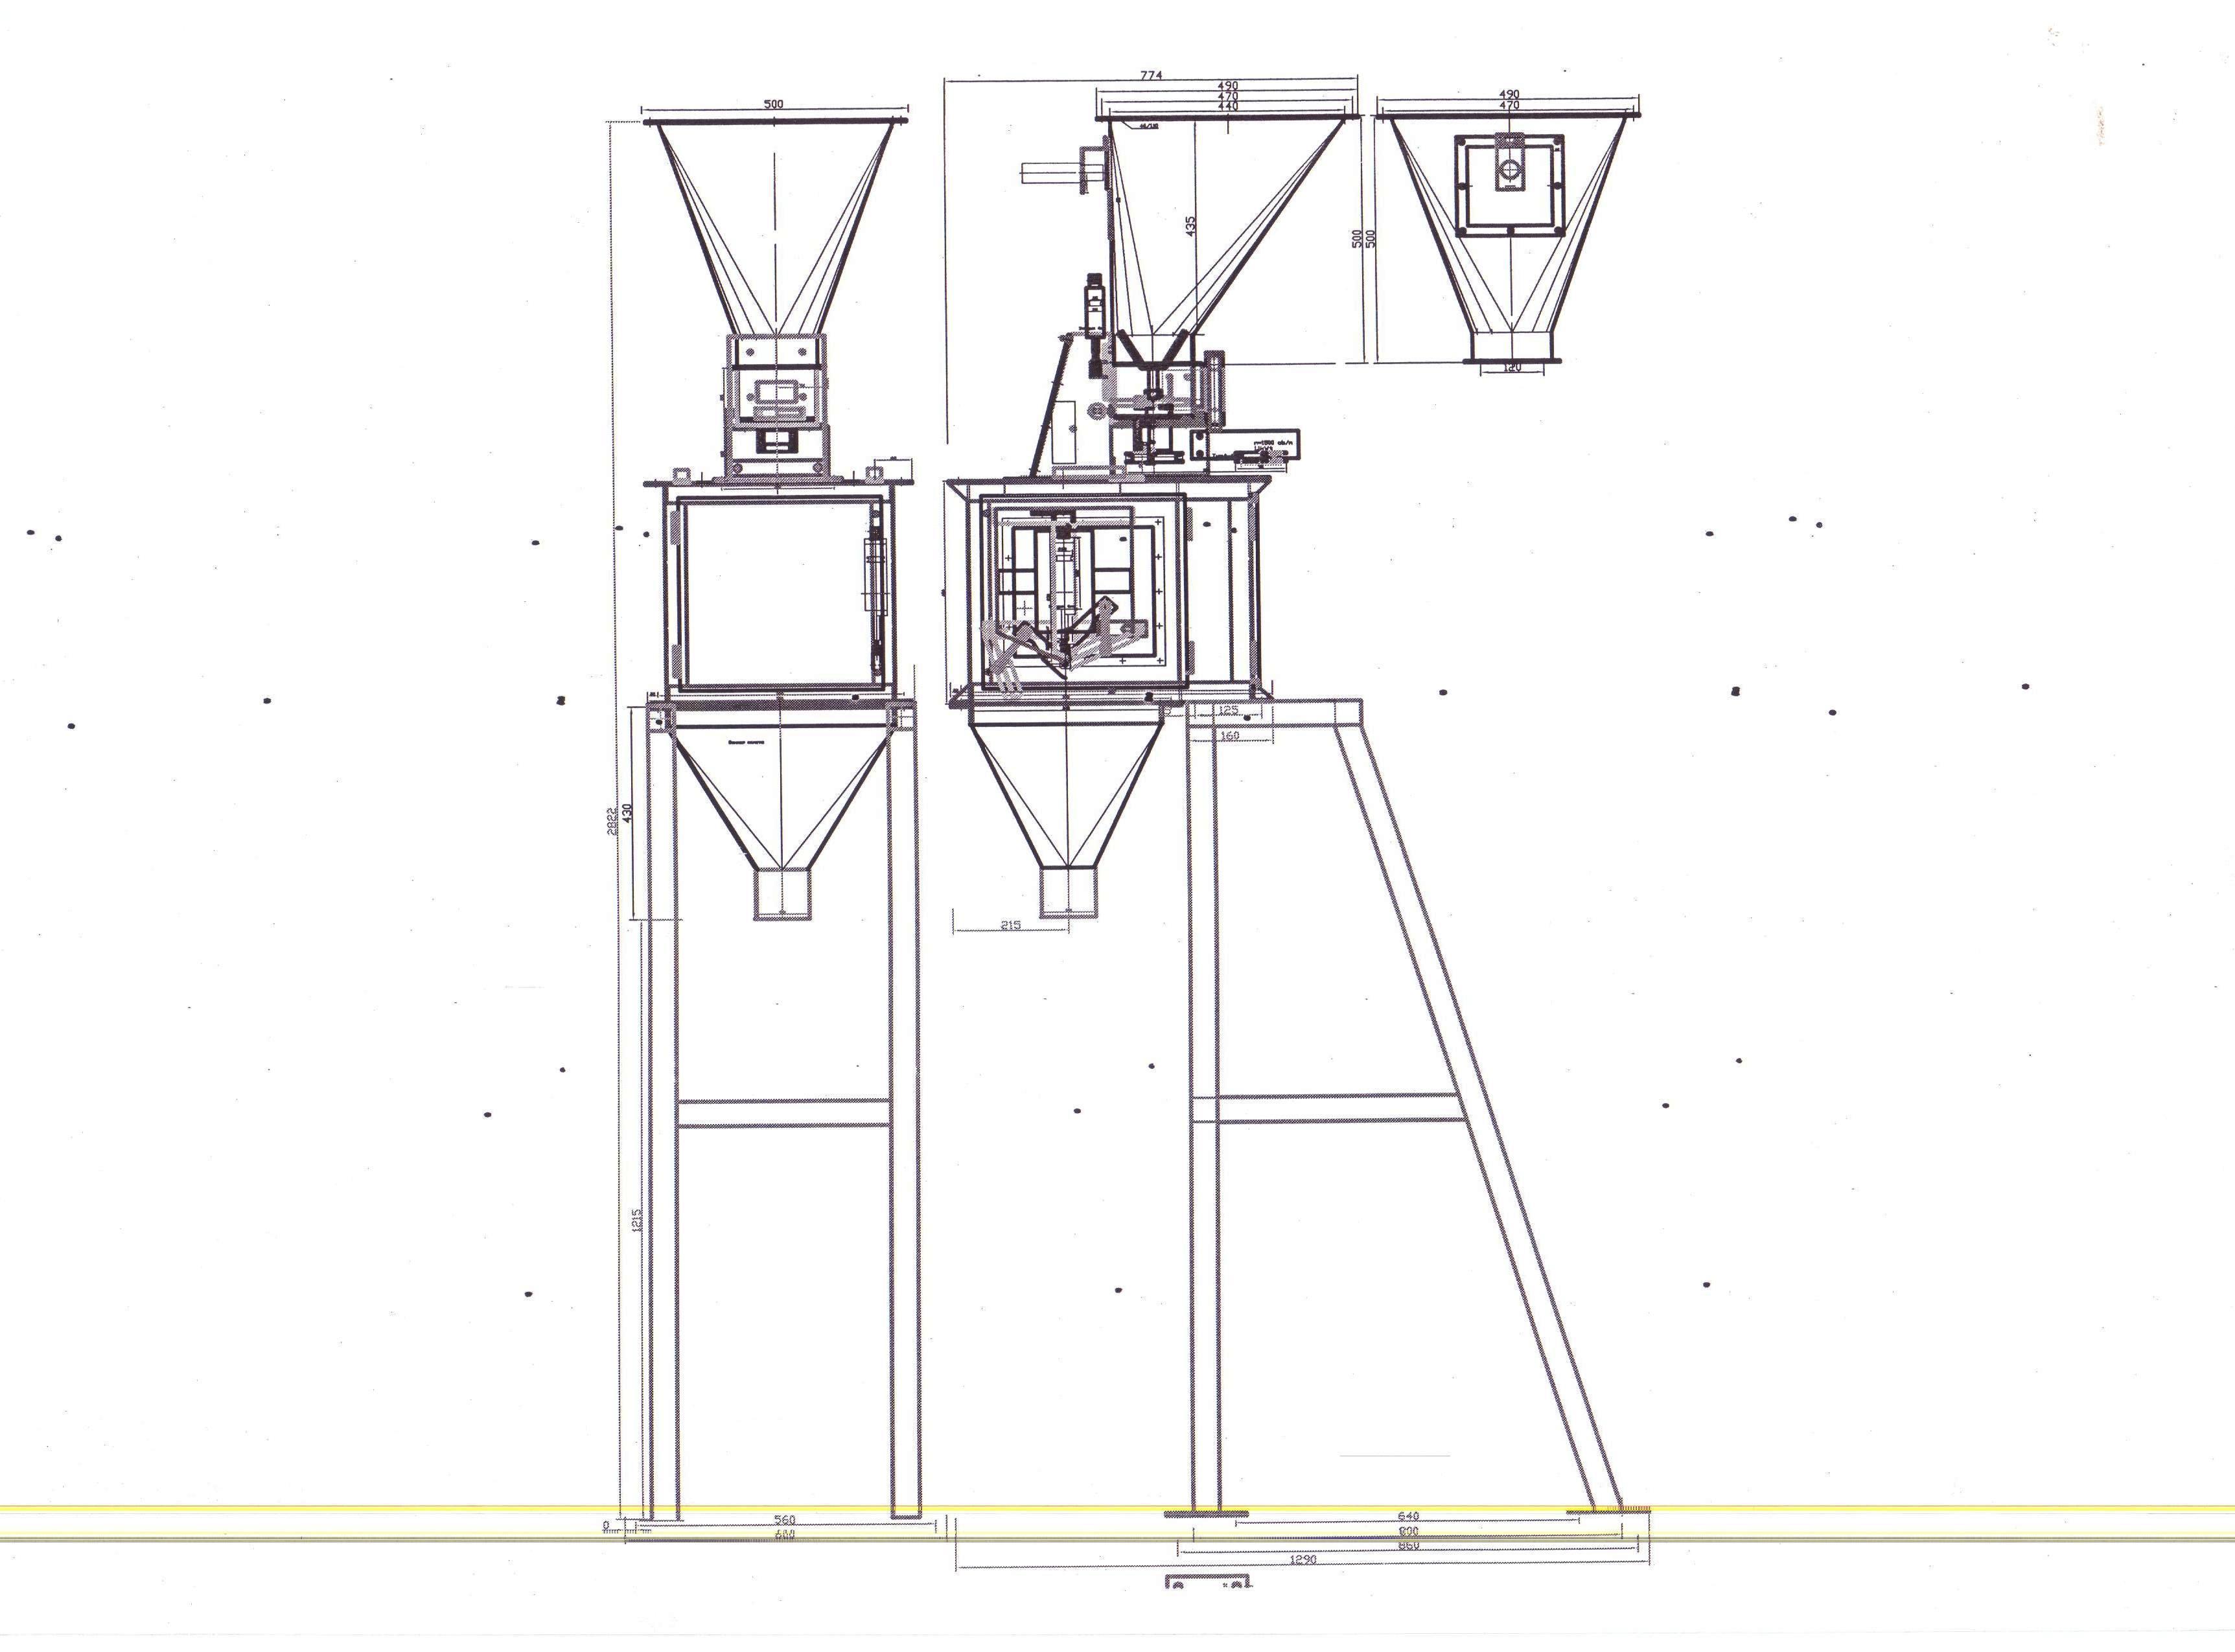 преобразователь токовая петля в 232 схема